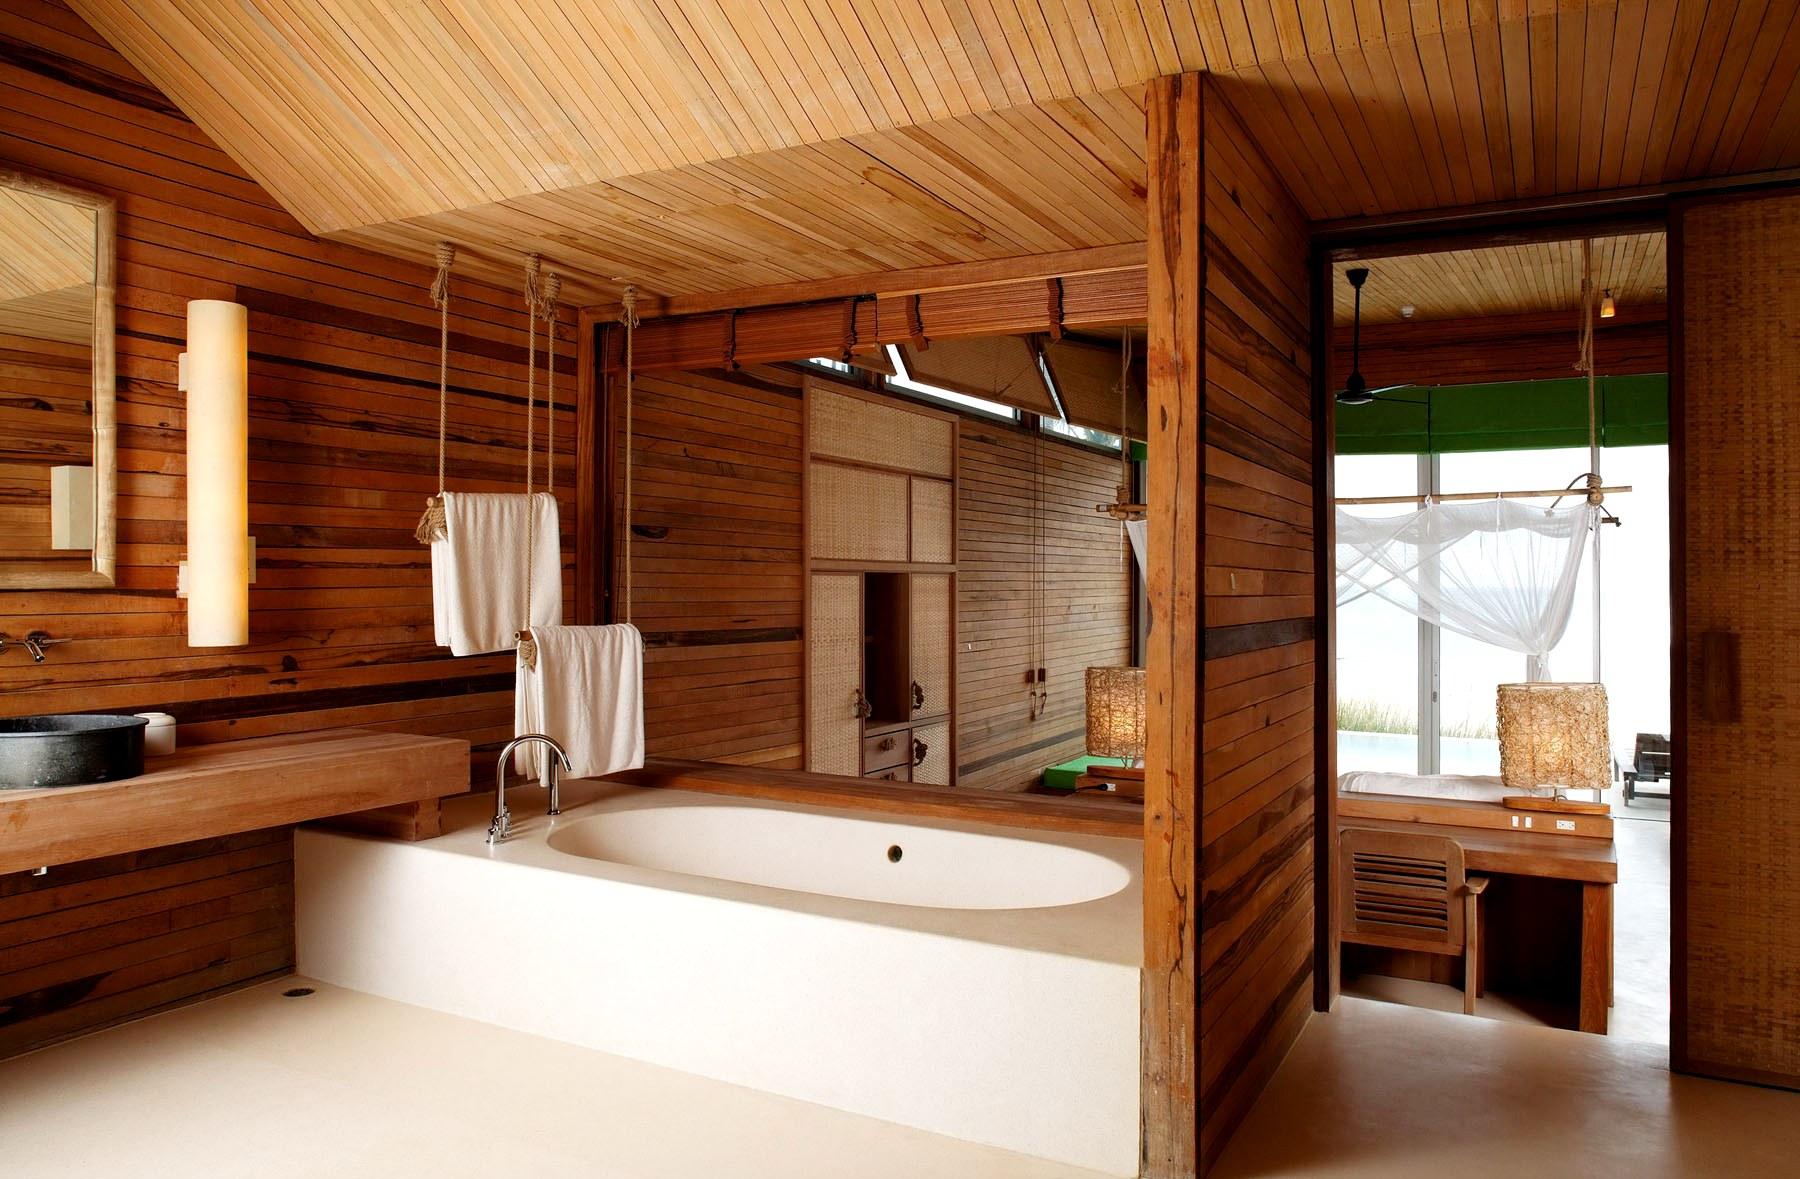 дизайн деревянного дома фотогалерея интерьера1